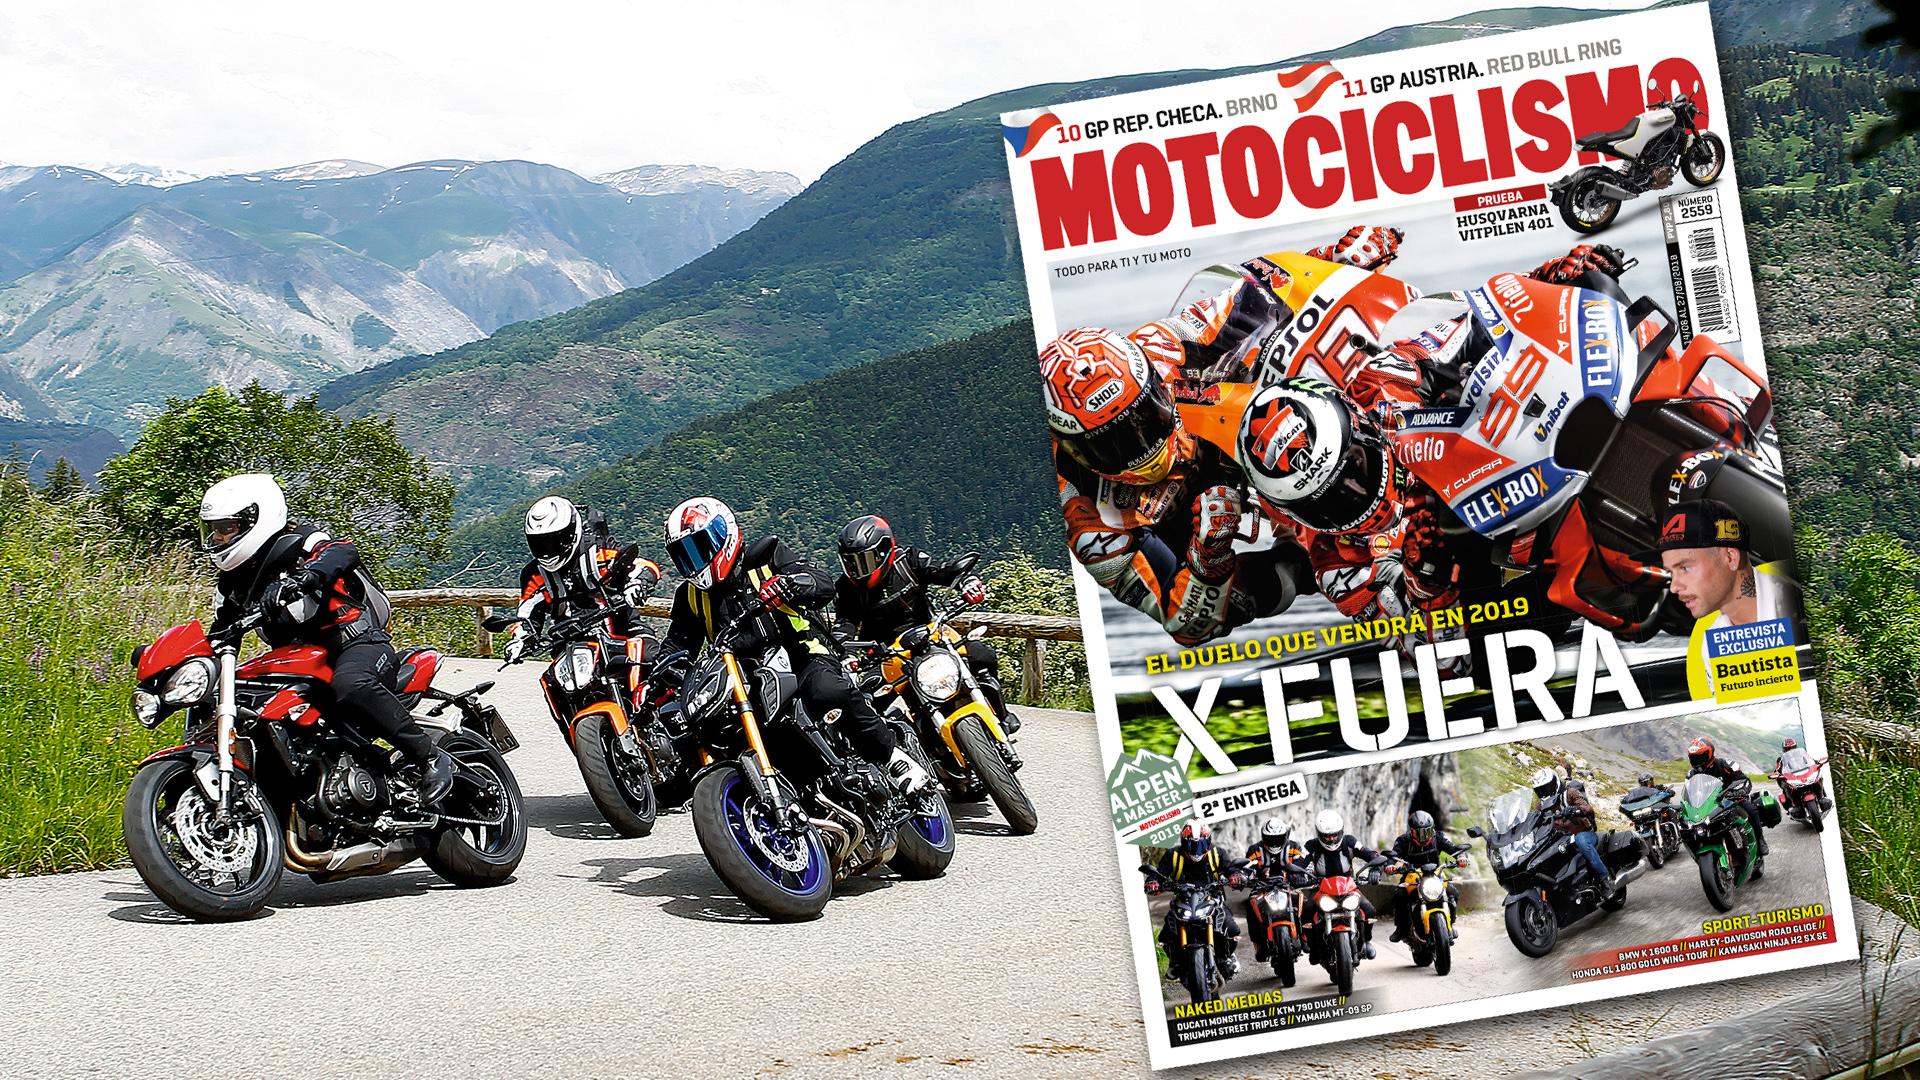 MOTOCICLISMO 2559, contenidos y sumario de la revista